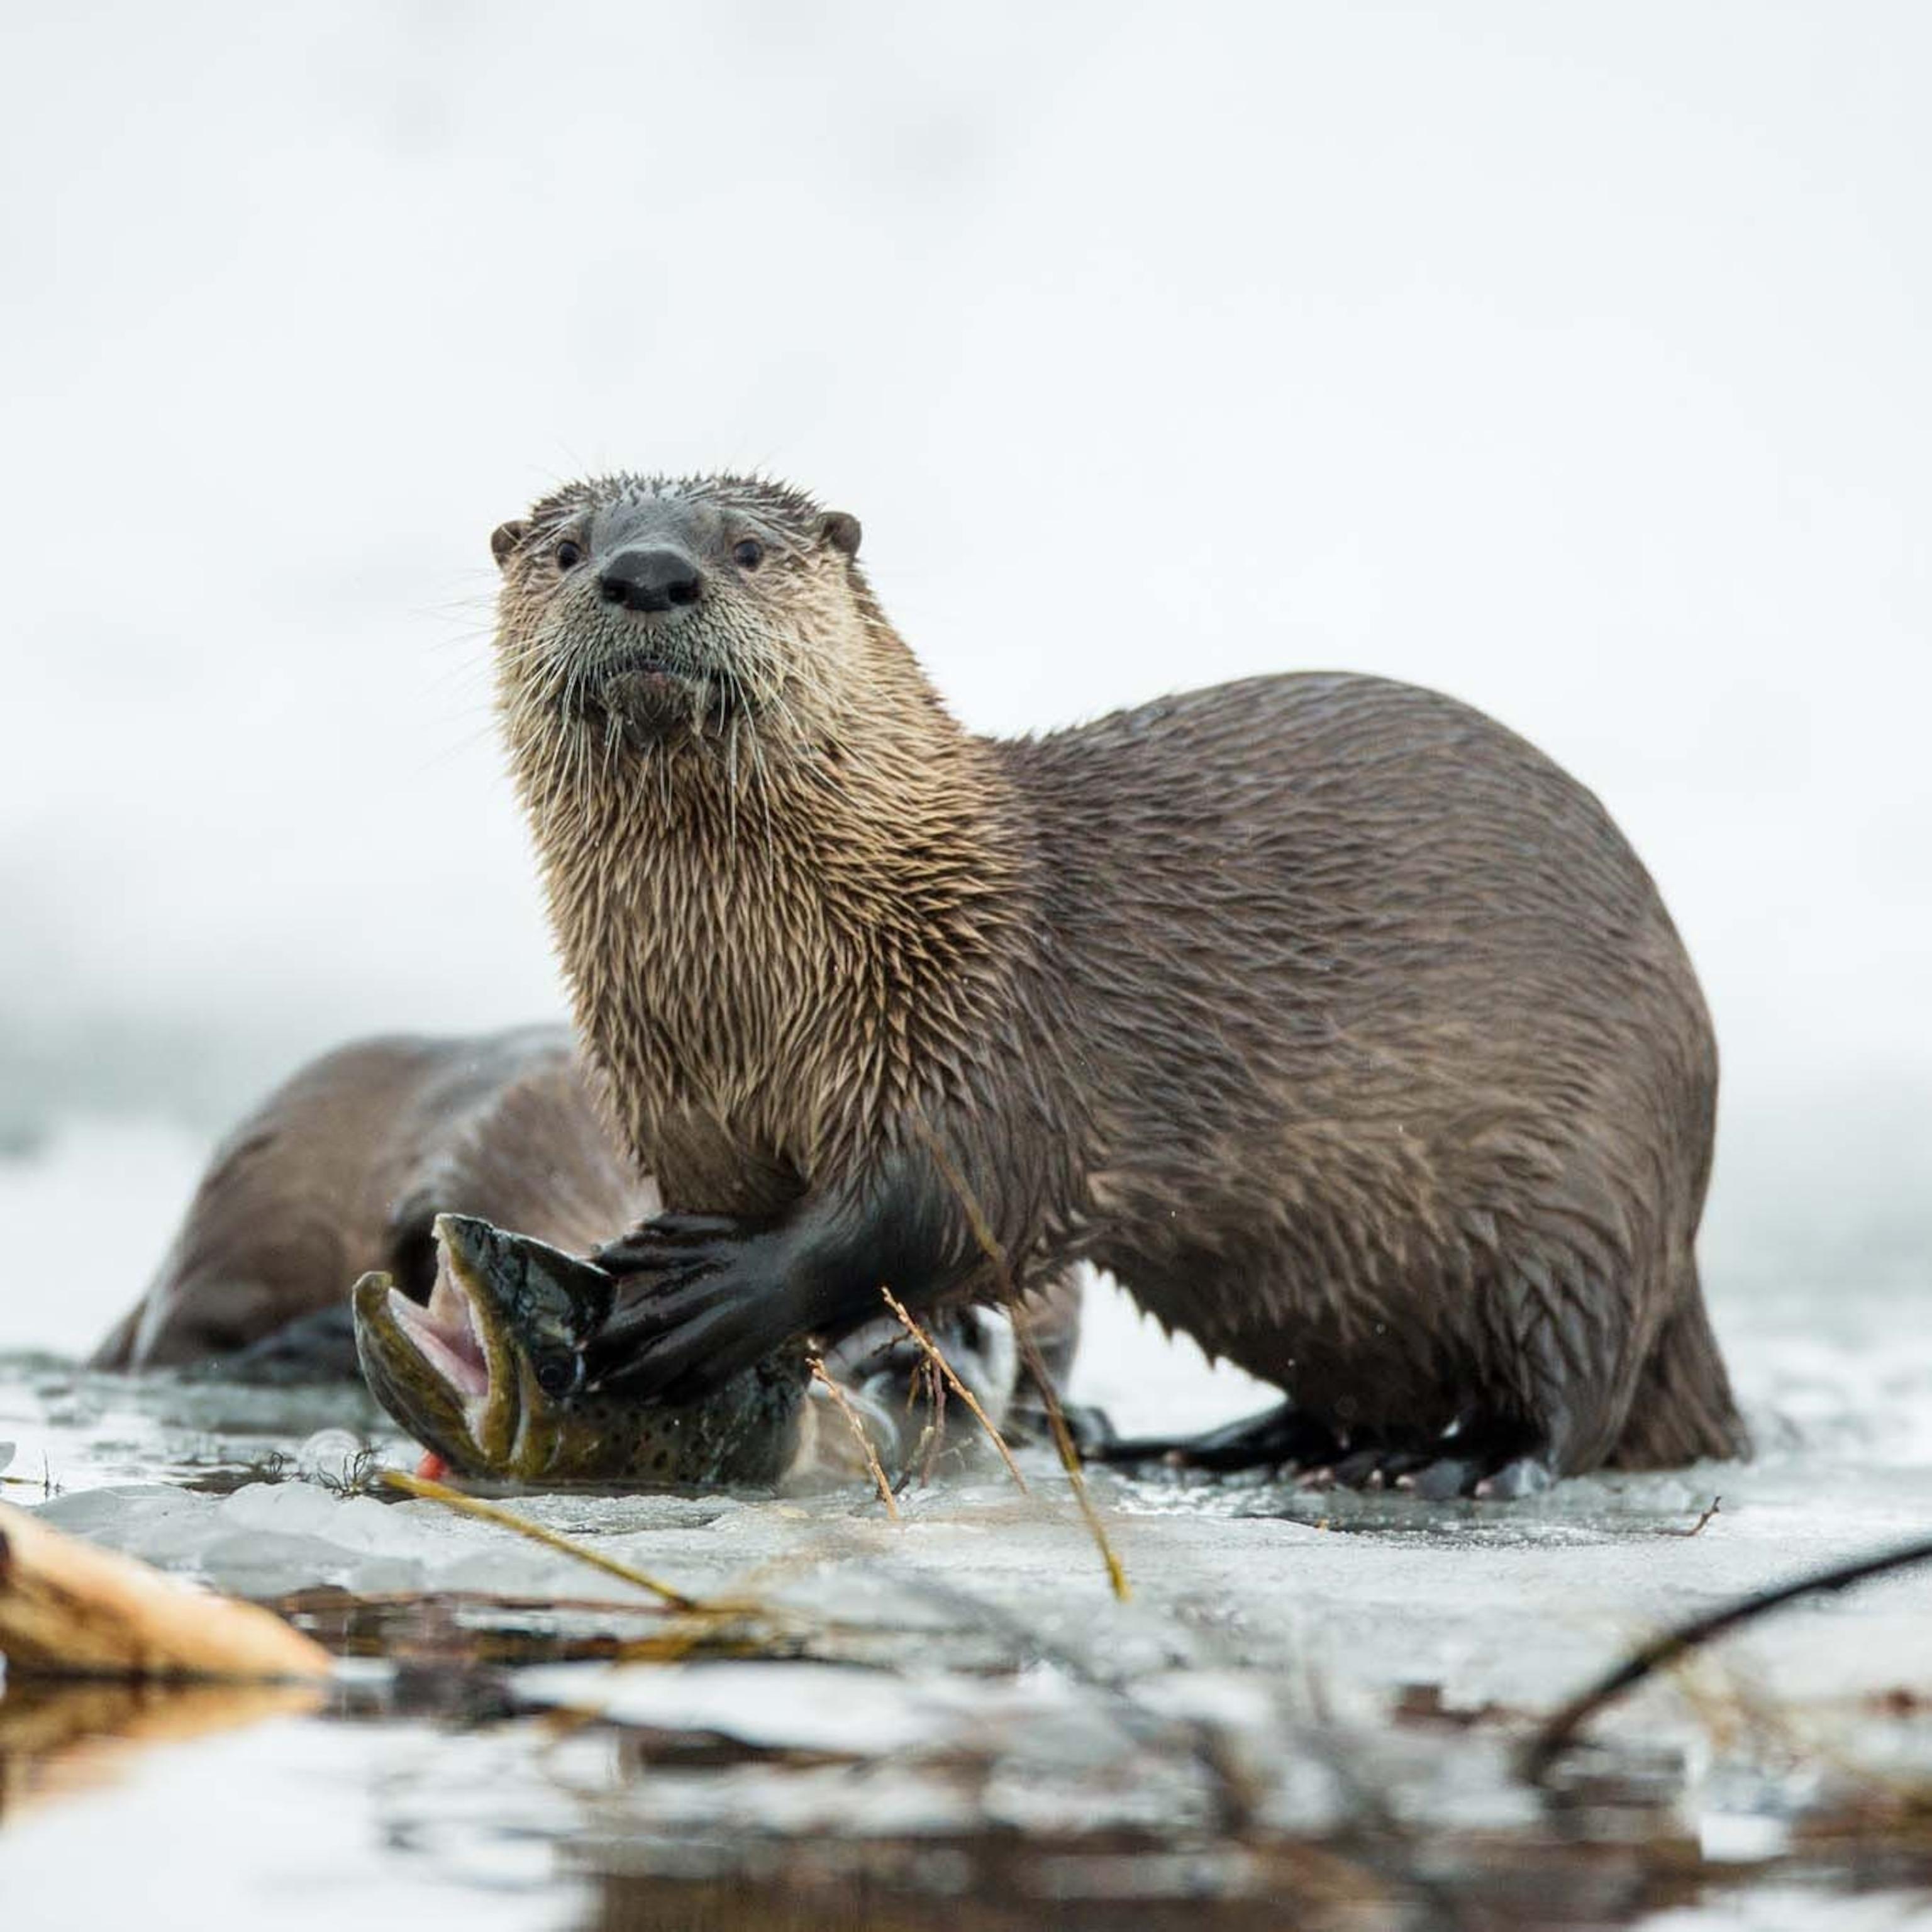 Otter a wild animal